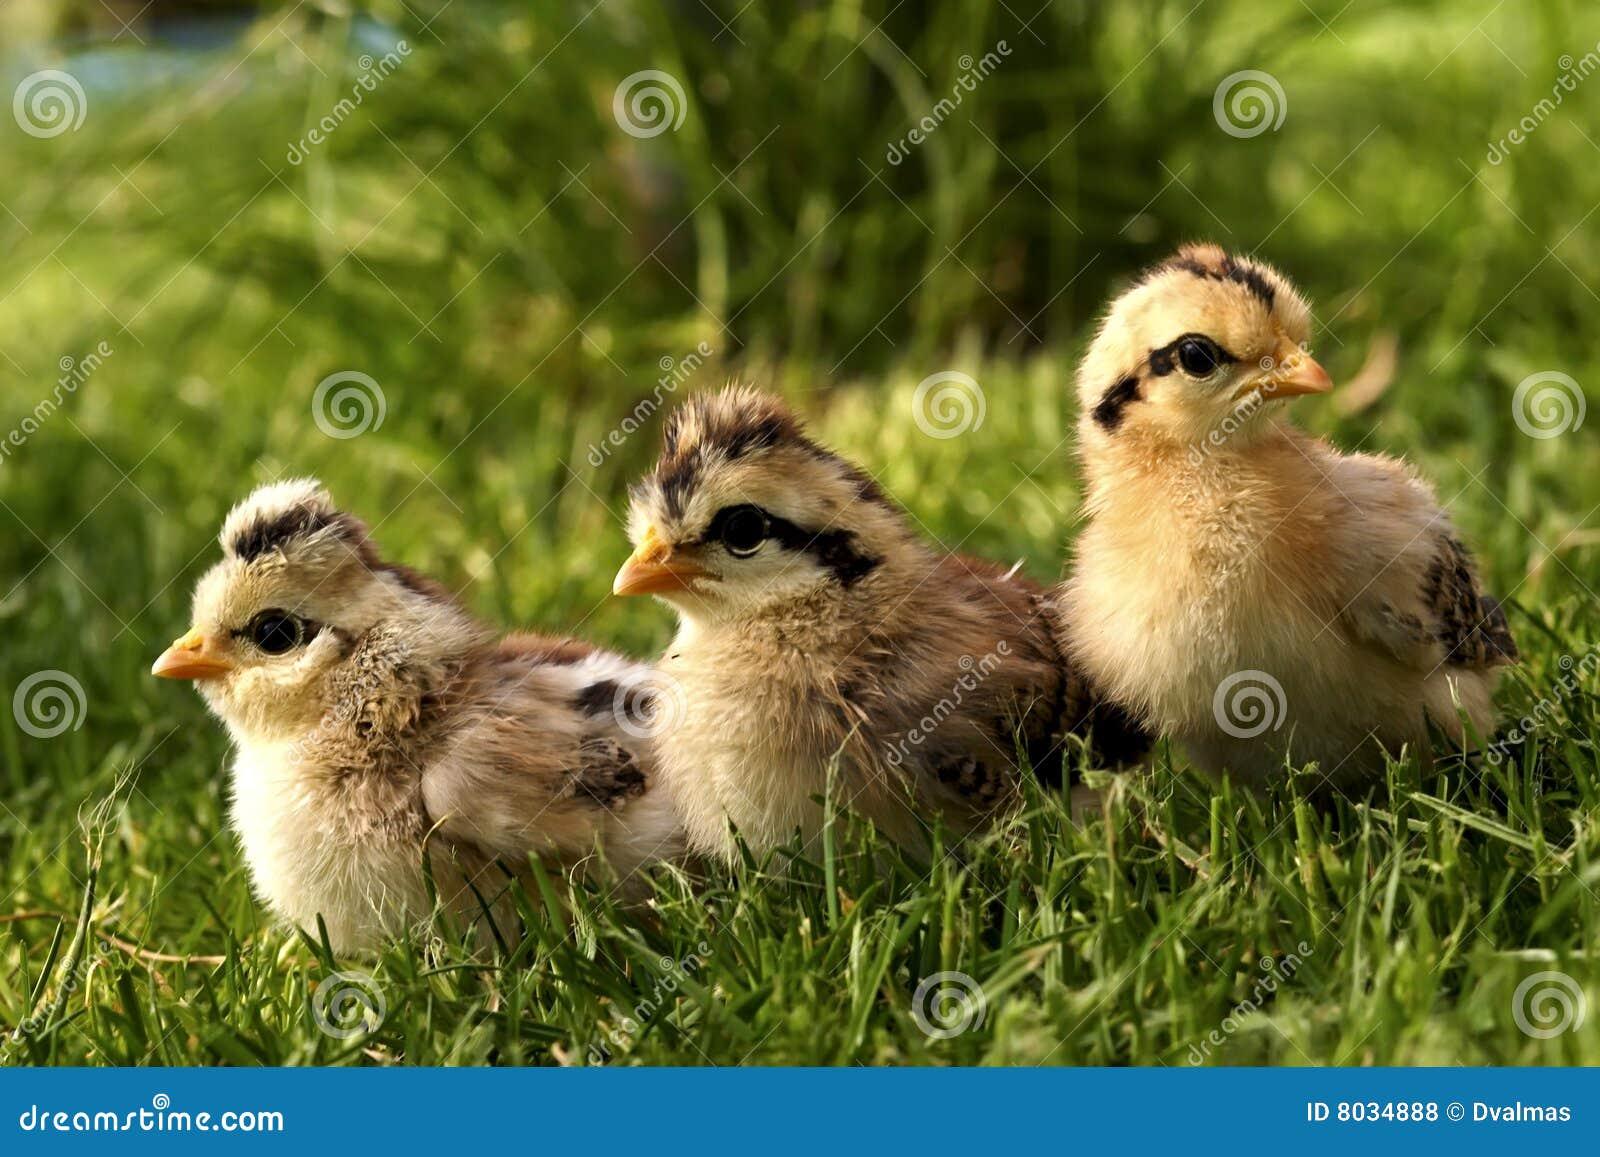 Pássaro-codorniz do bebê.